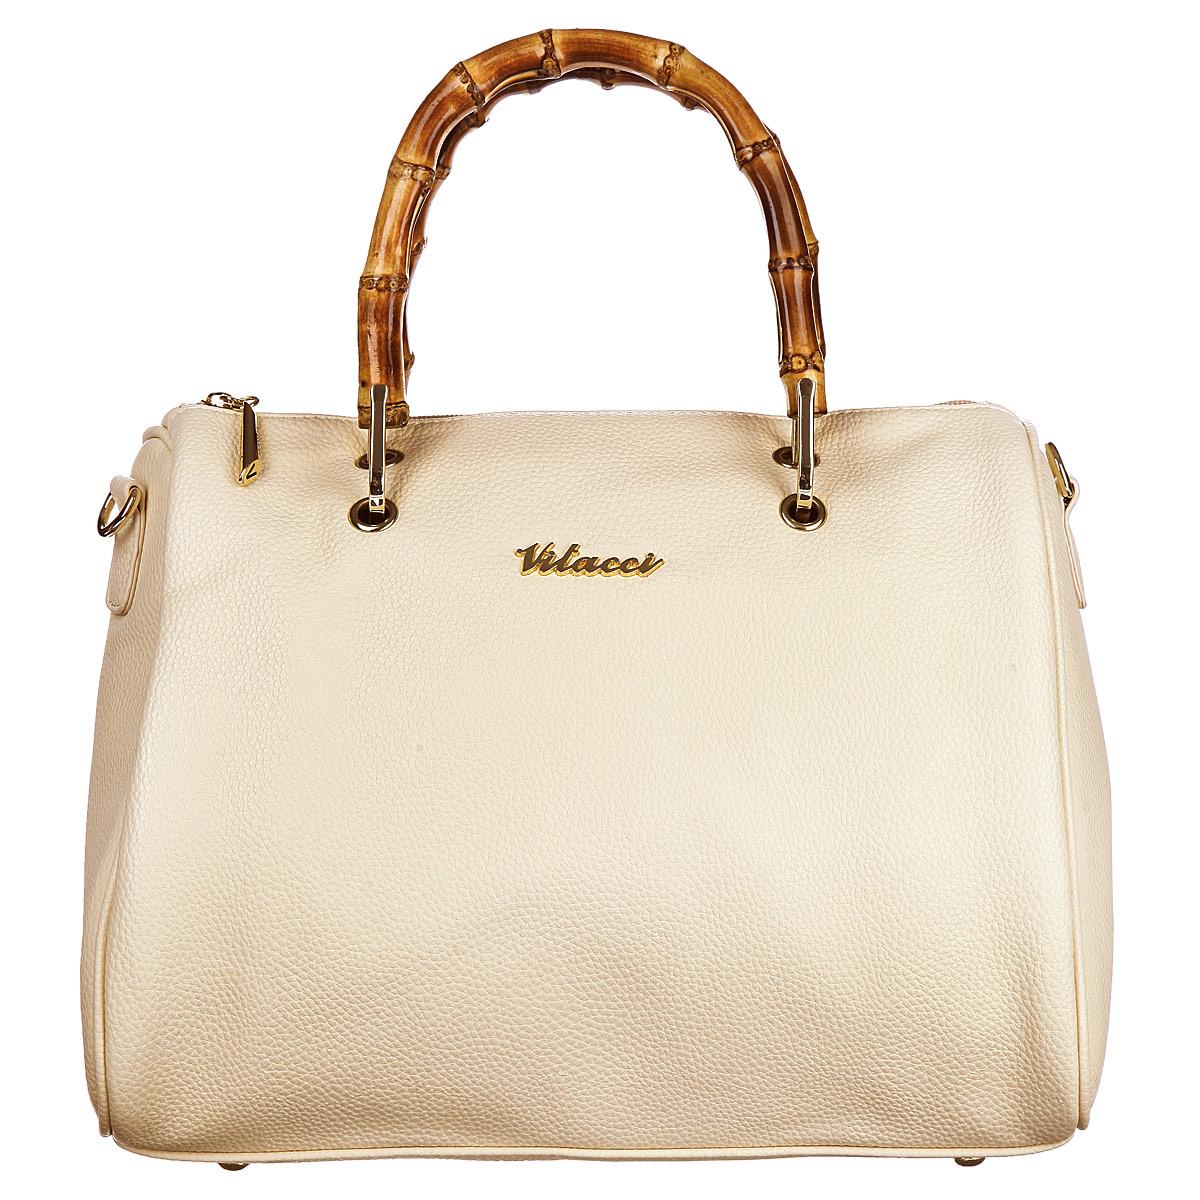 Сумка женская Vitacci, цвет: бежевый. V08V08Оригинальная женская сумка Vitacci изготовлена из высококачественной искусственной кожи. Ручки, выполненные из дерева, прочно крепятся к корпусу сумки. Изделие закрывается на застежку-молнию. Внутреннее отделение содержит два кармана на застежках-молниях, которые образуют открытый карман, и два накладных для мелочей и мобильного телефона. Тыльная сторона сумки дополнена врезным карманом на застежке-молнии. Фурнитура золотистого цвета. Дно защищено от повреждений металлическими ножками. В комплект входит съемный плечевой ремень регулируемой длины. Сумка - это стильный аксессуар, который подчеркнет вашу изысканность и индивидуальность и сделает ваш образ завершенным. Изделие упаковано в фирменный чехол.